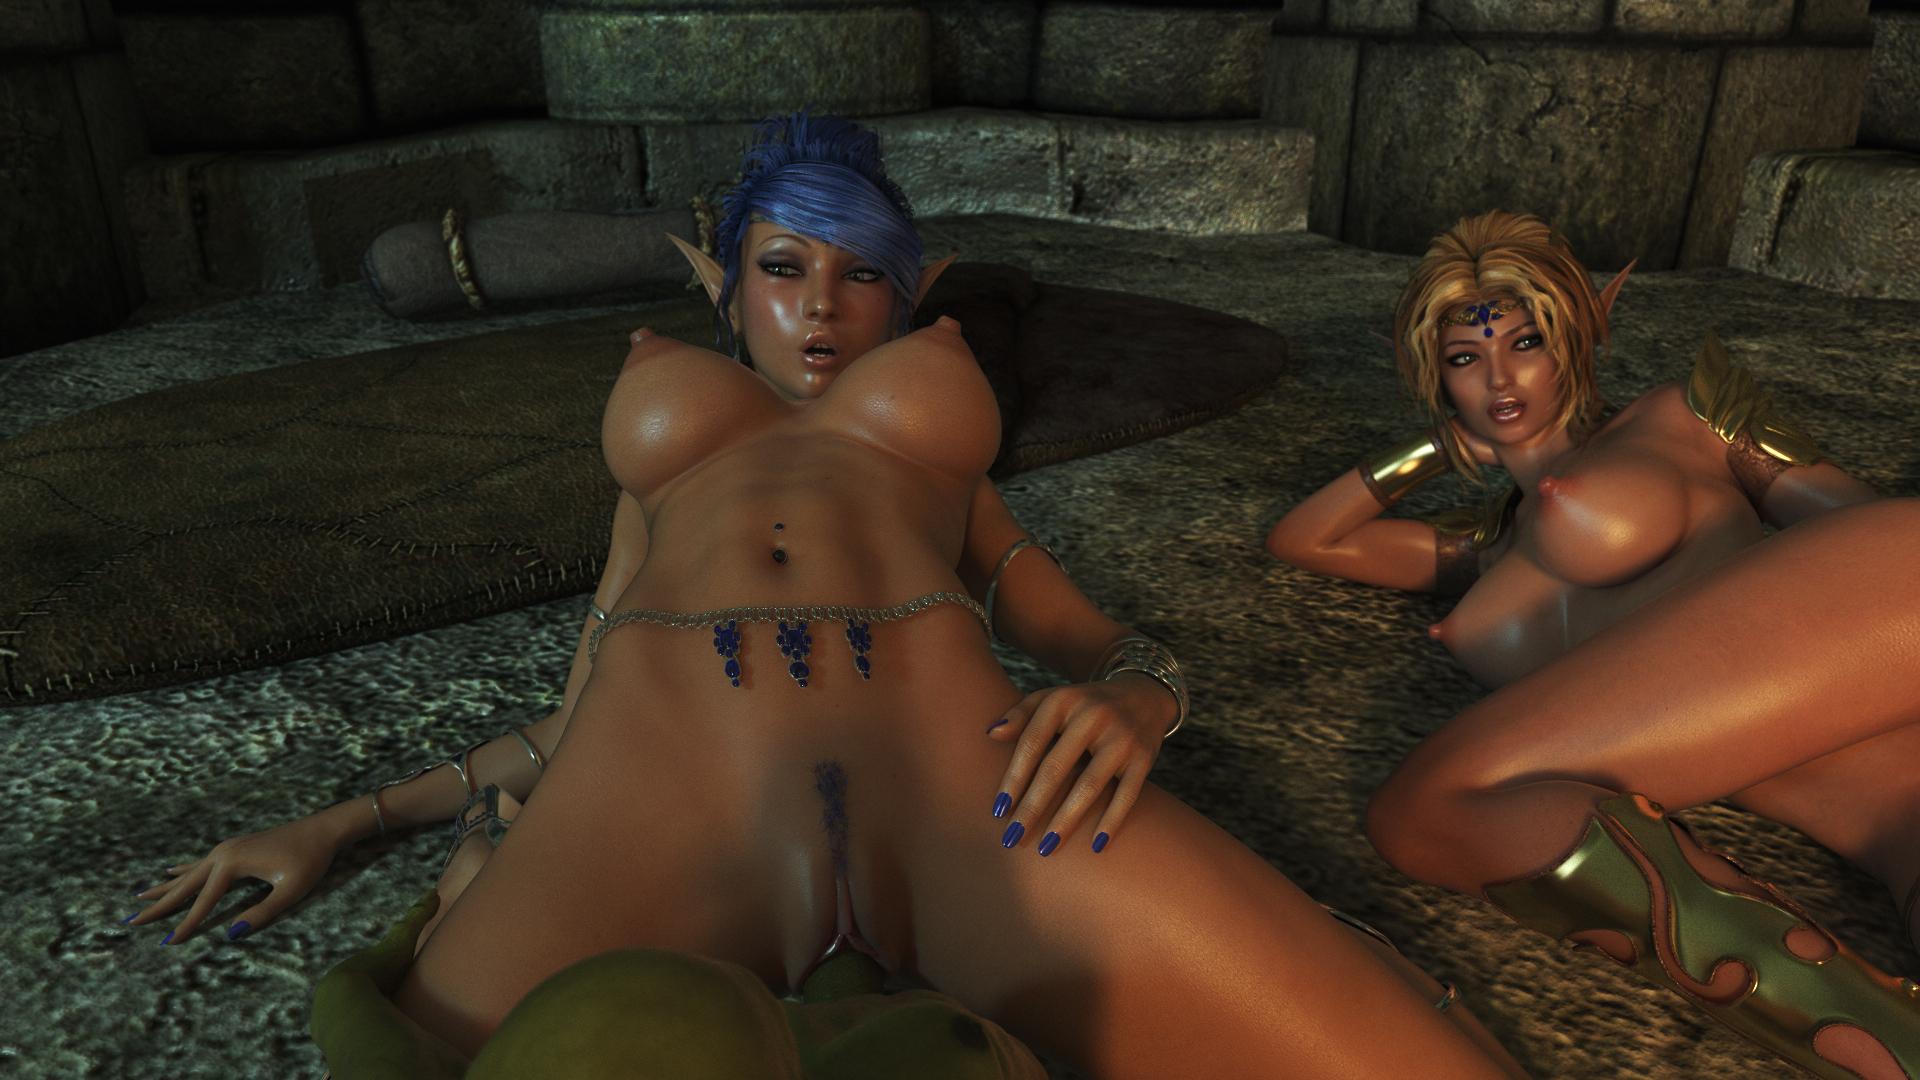 eskorte forum erotisk film gratis